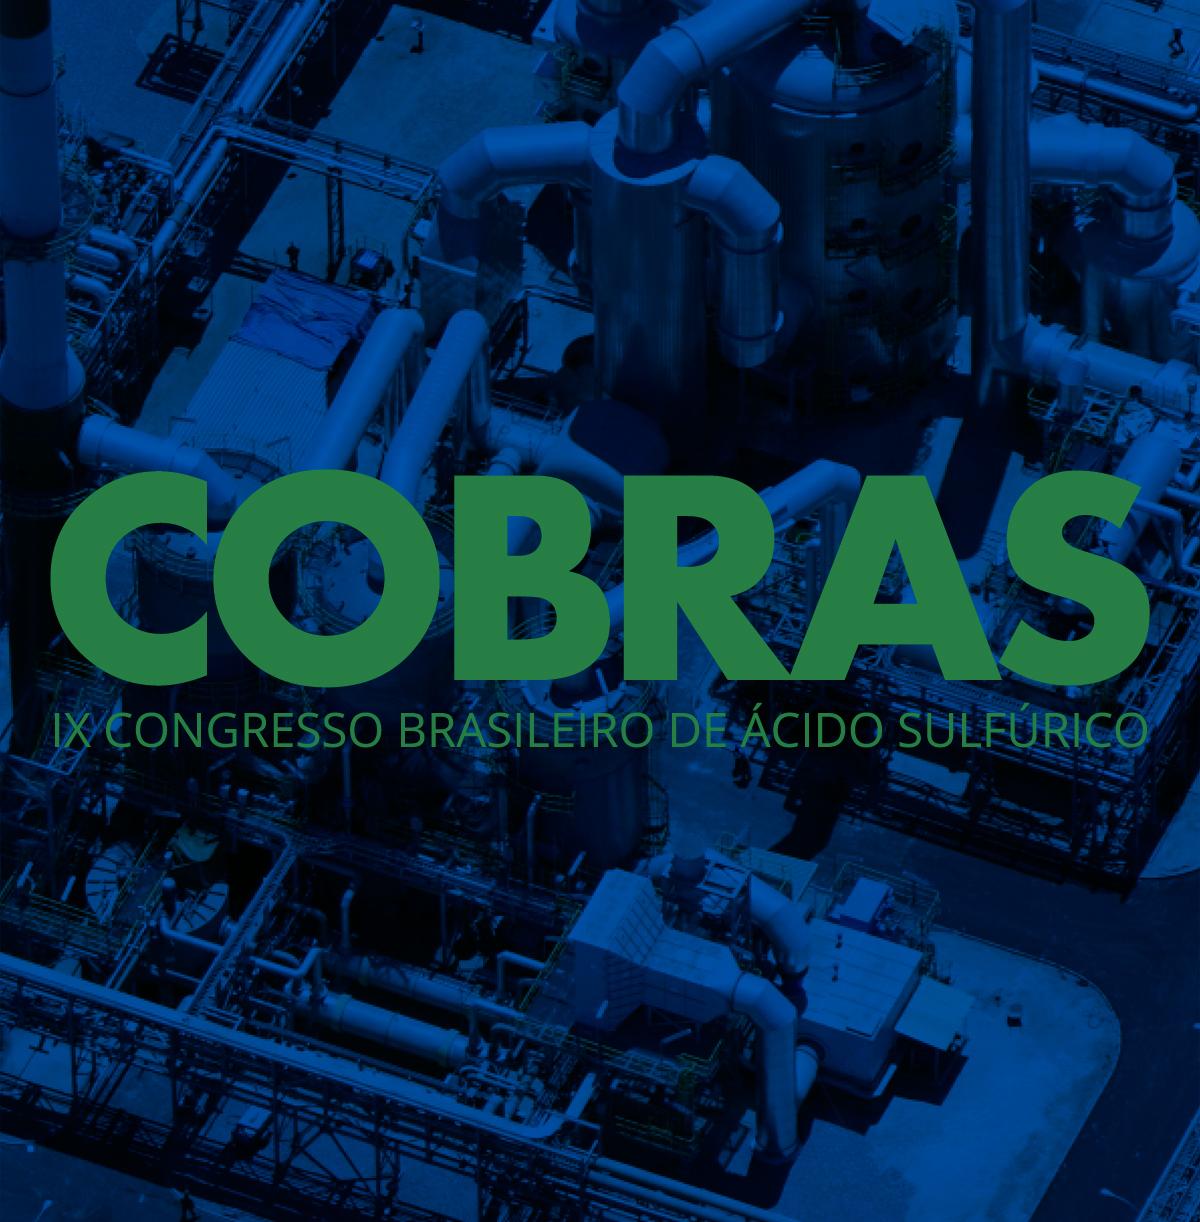 COBRAS-Padrão